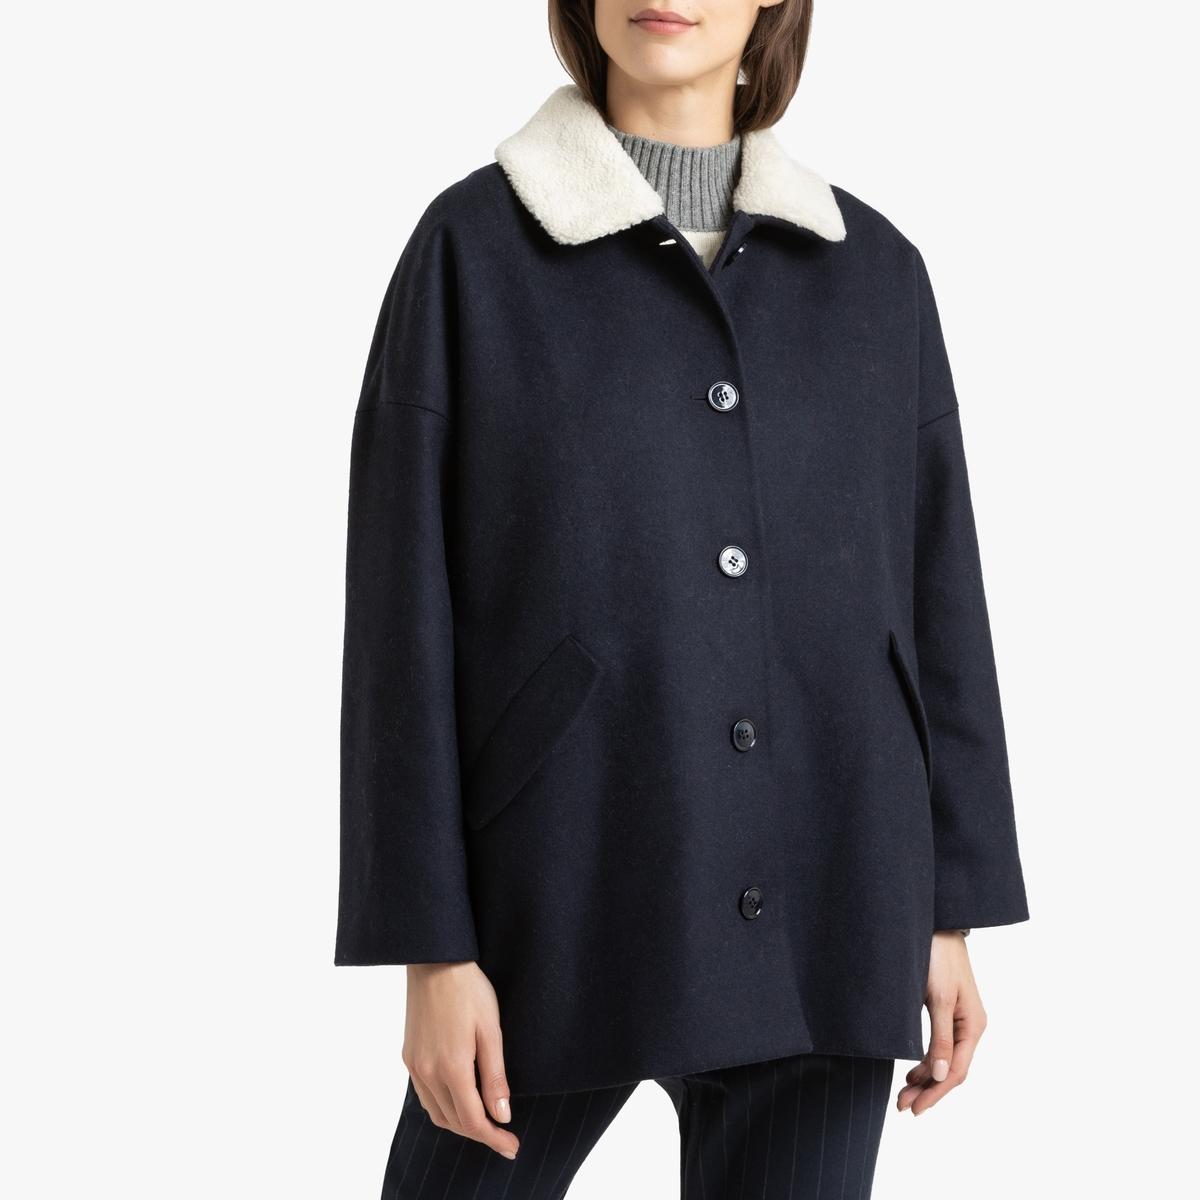 все цены на Пальто La Redoute Средней длины с застежкой на пуговицы и съемным воротником NYCOLANNE 2(M) синий онлайн